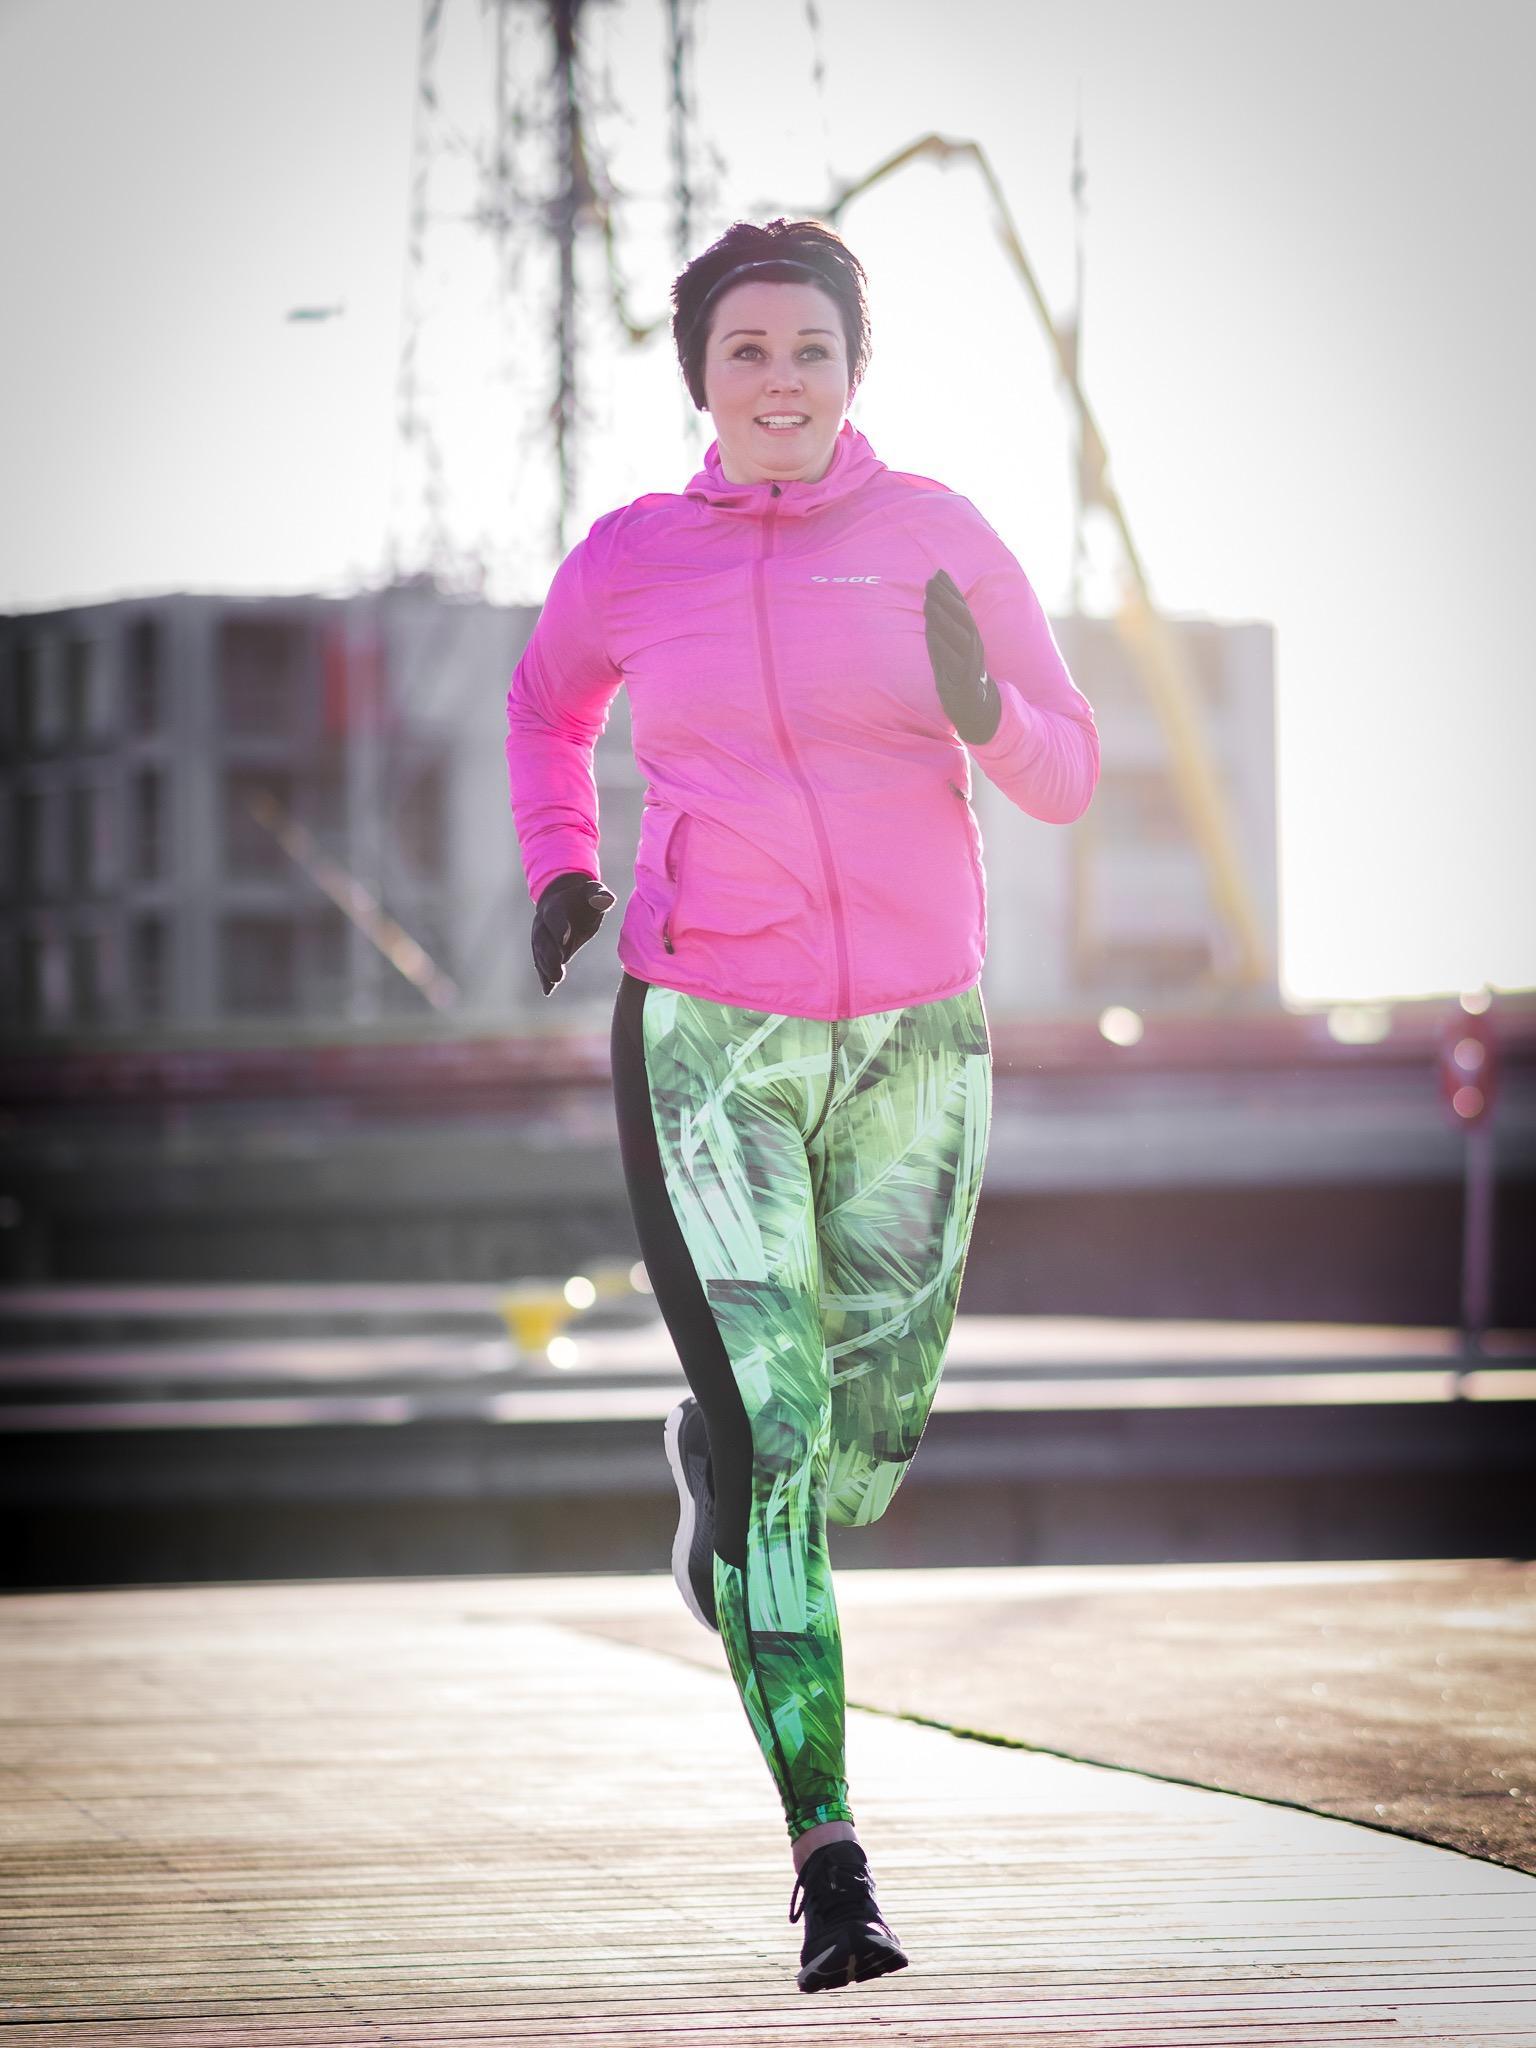 10 syytä osallistua juoksukouluun ja -valmennukseen